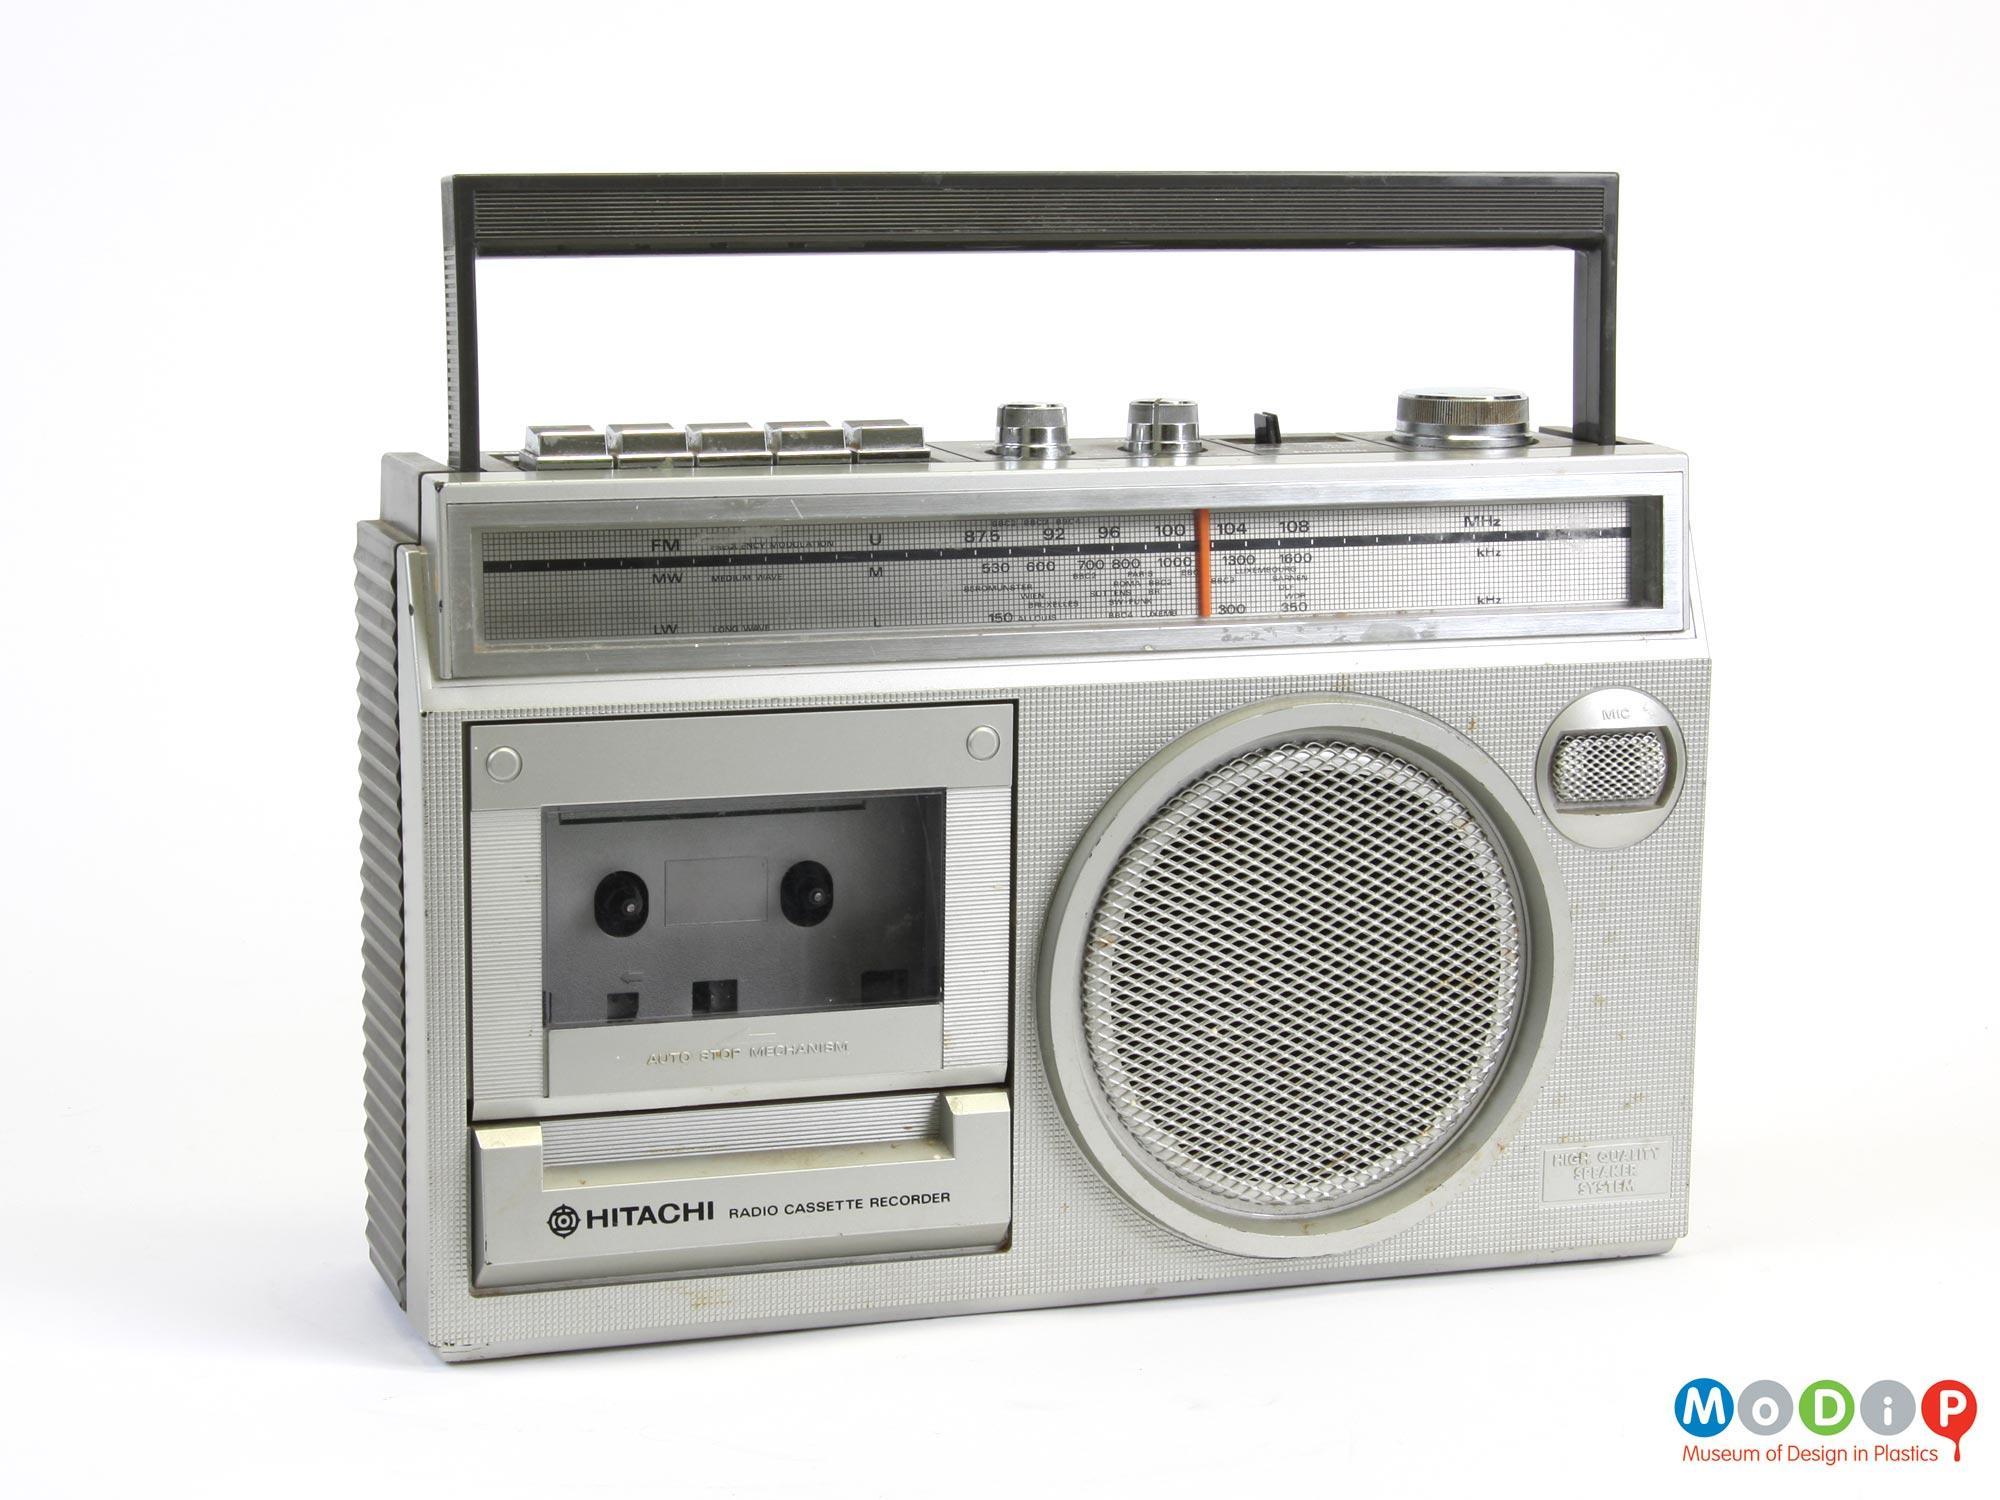 Hitachi Trk 5351l Radio Cassette Recorder Museum Of